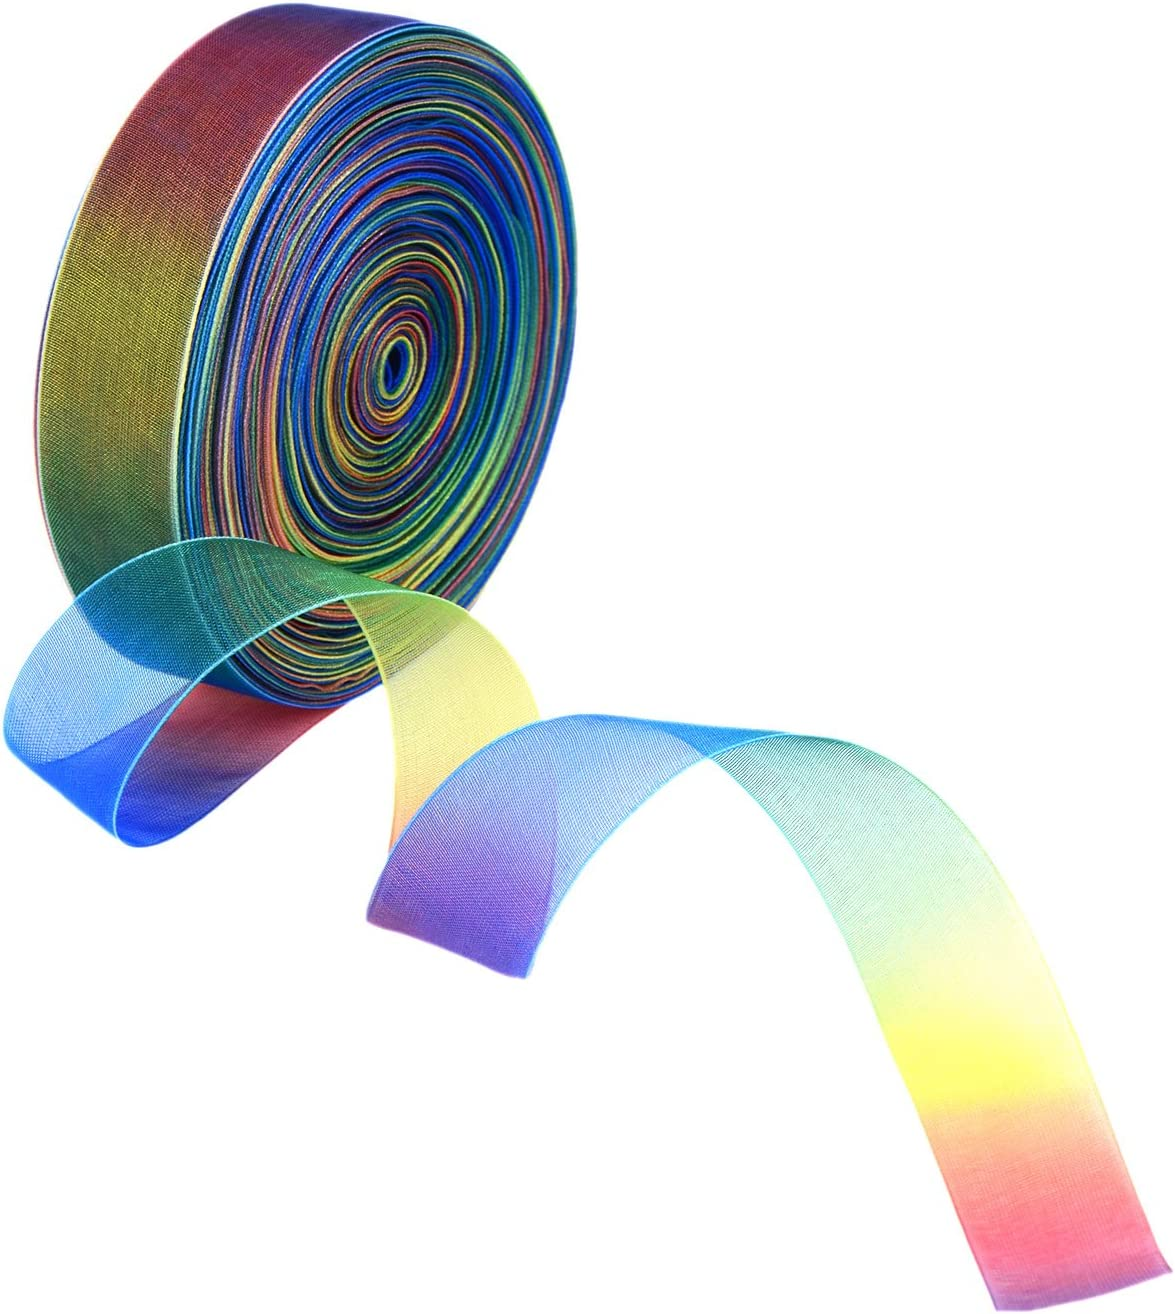 Shappy 1 Inch Shimmer Sheer Organza Ribbon Rainbow Colors 50 Yard